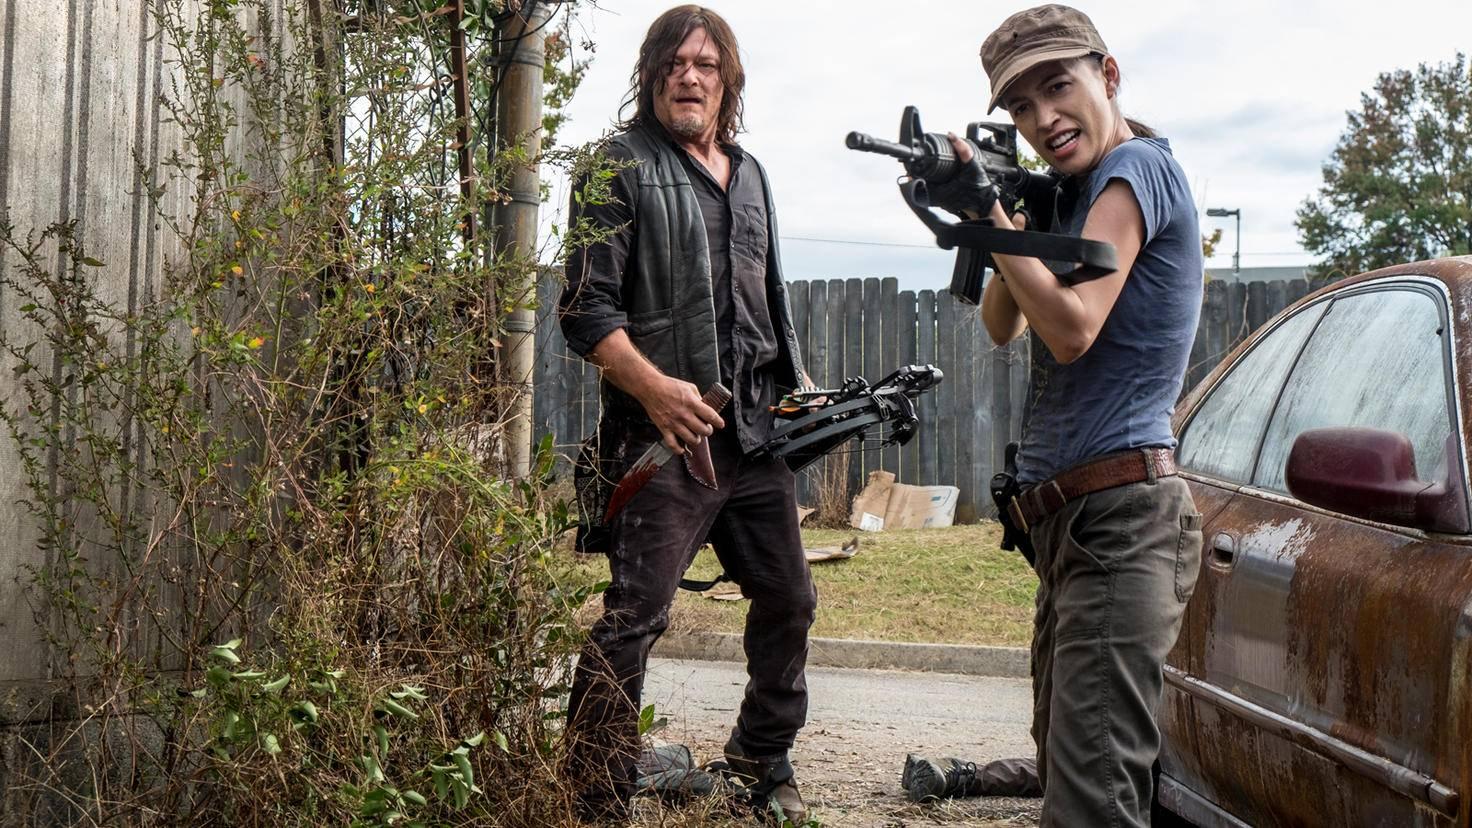 Wann Kommt The Walking Dead Staffel 8